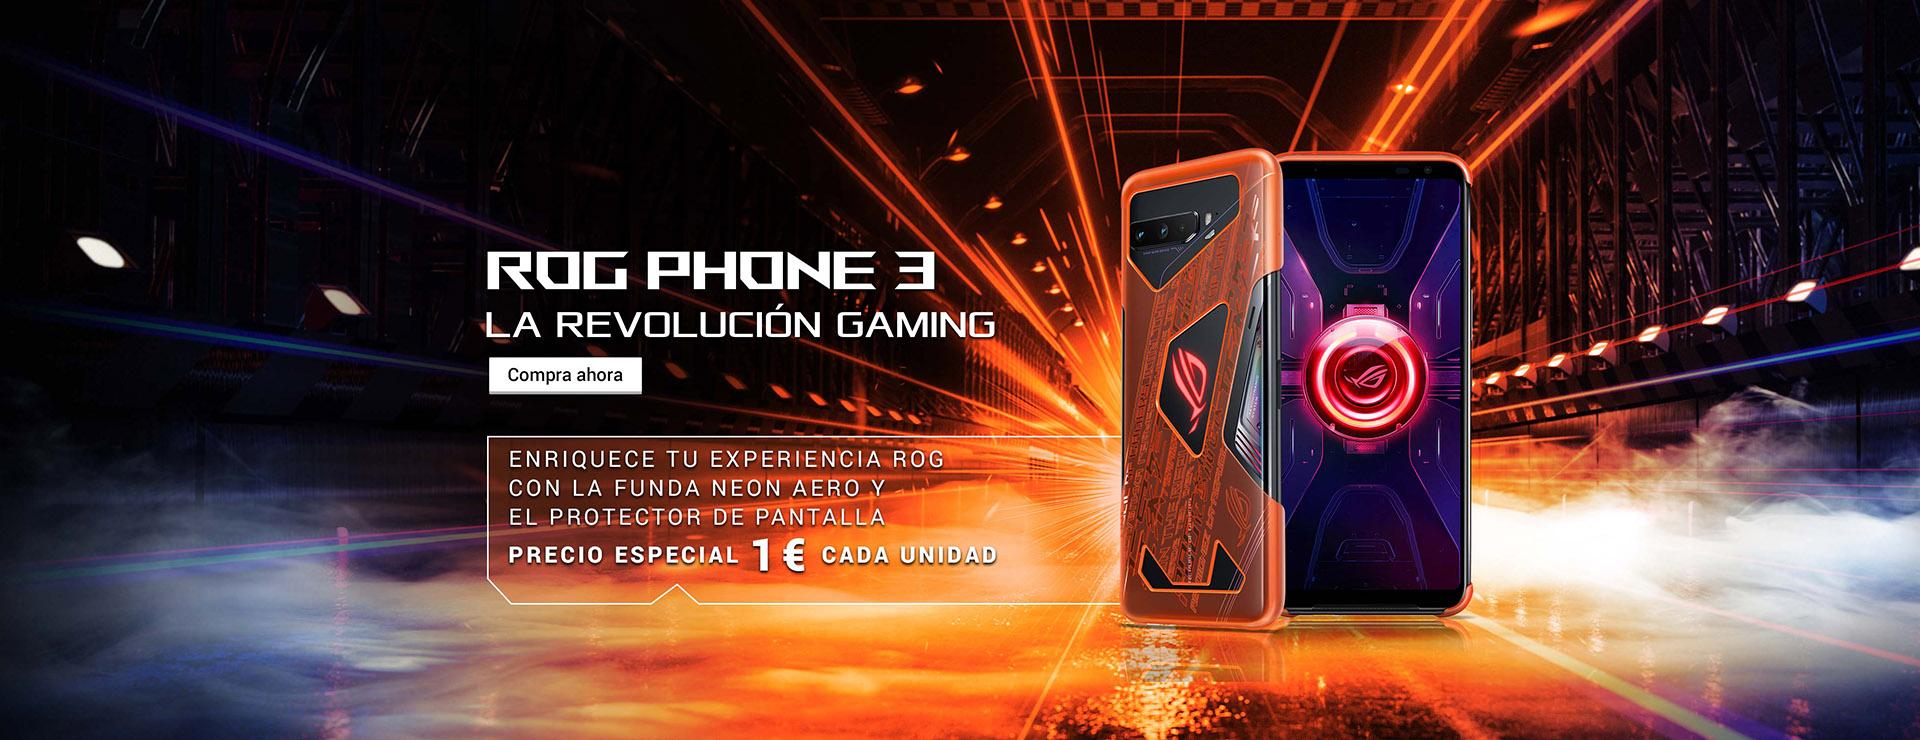 ROG Phone 3 con funda Neon Aero y protector de pantalla por 1€ más